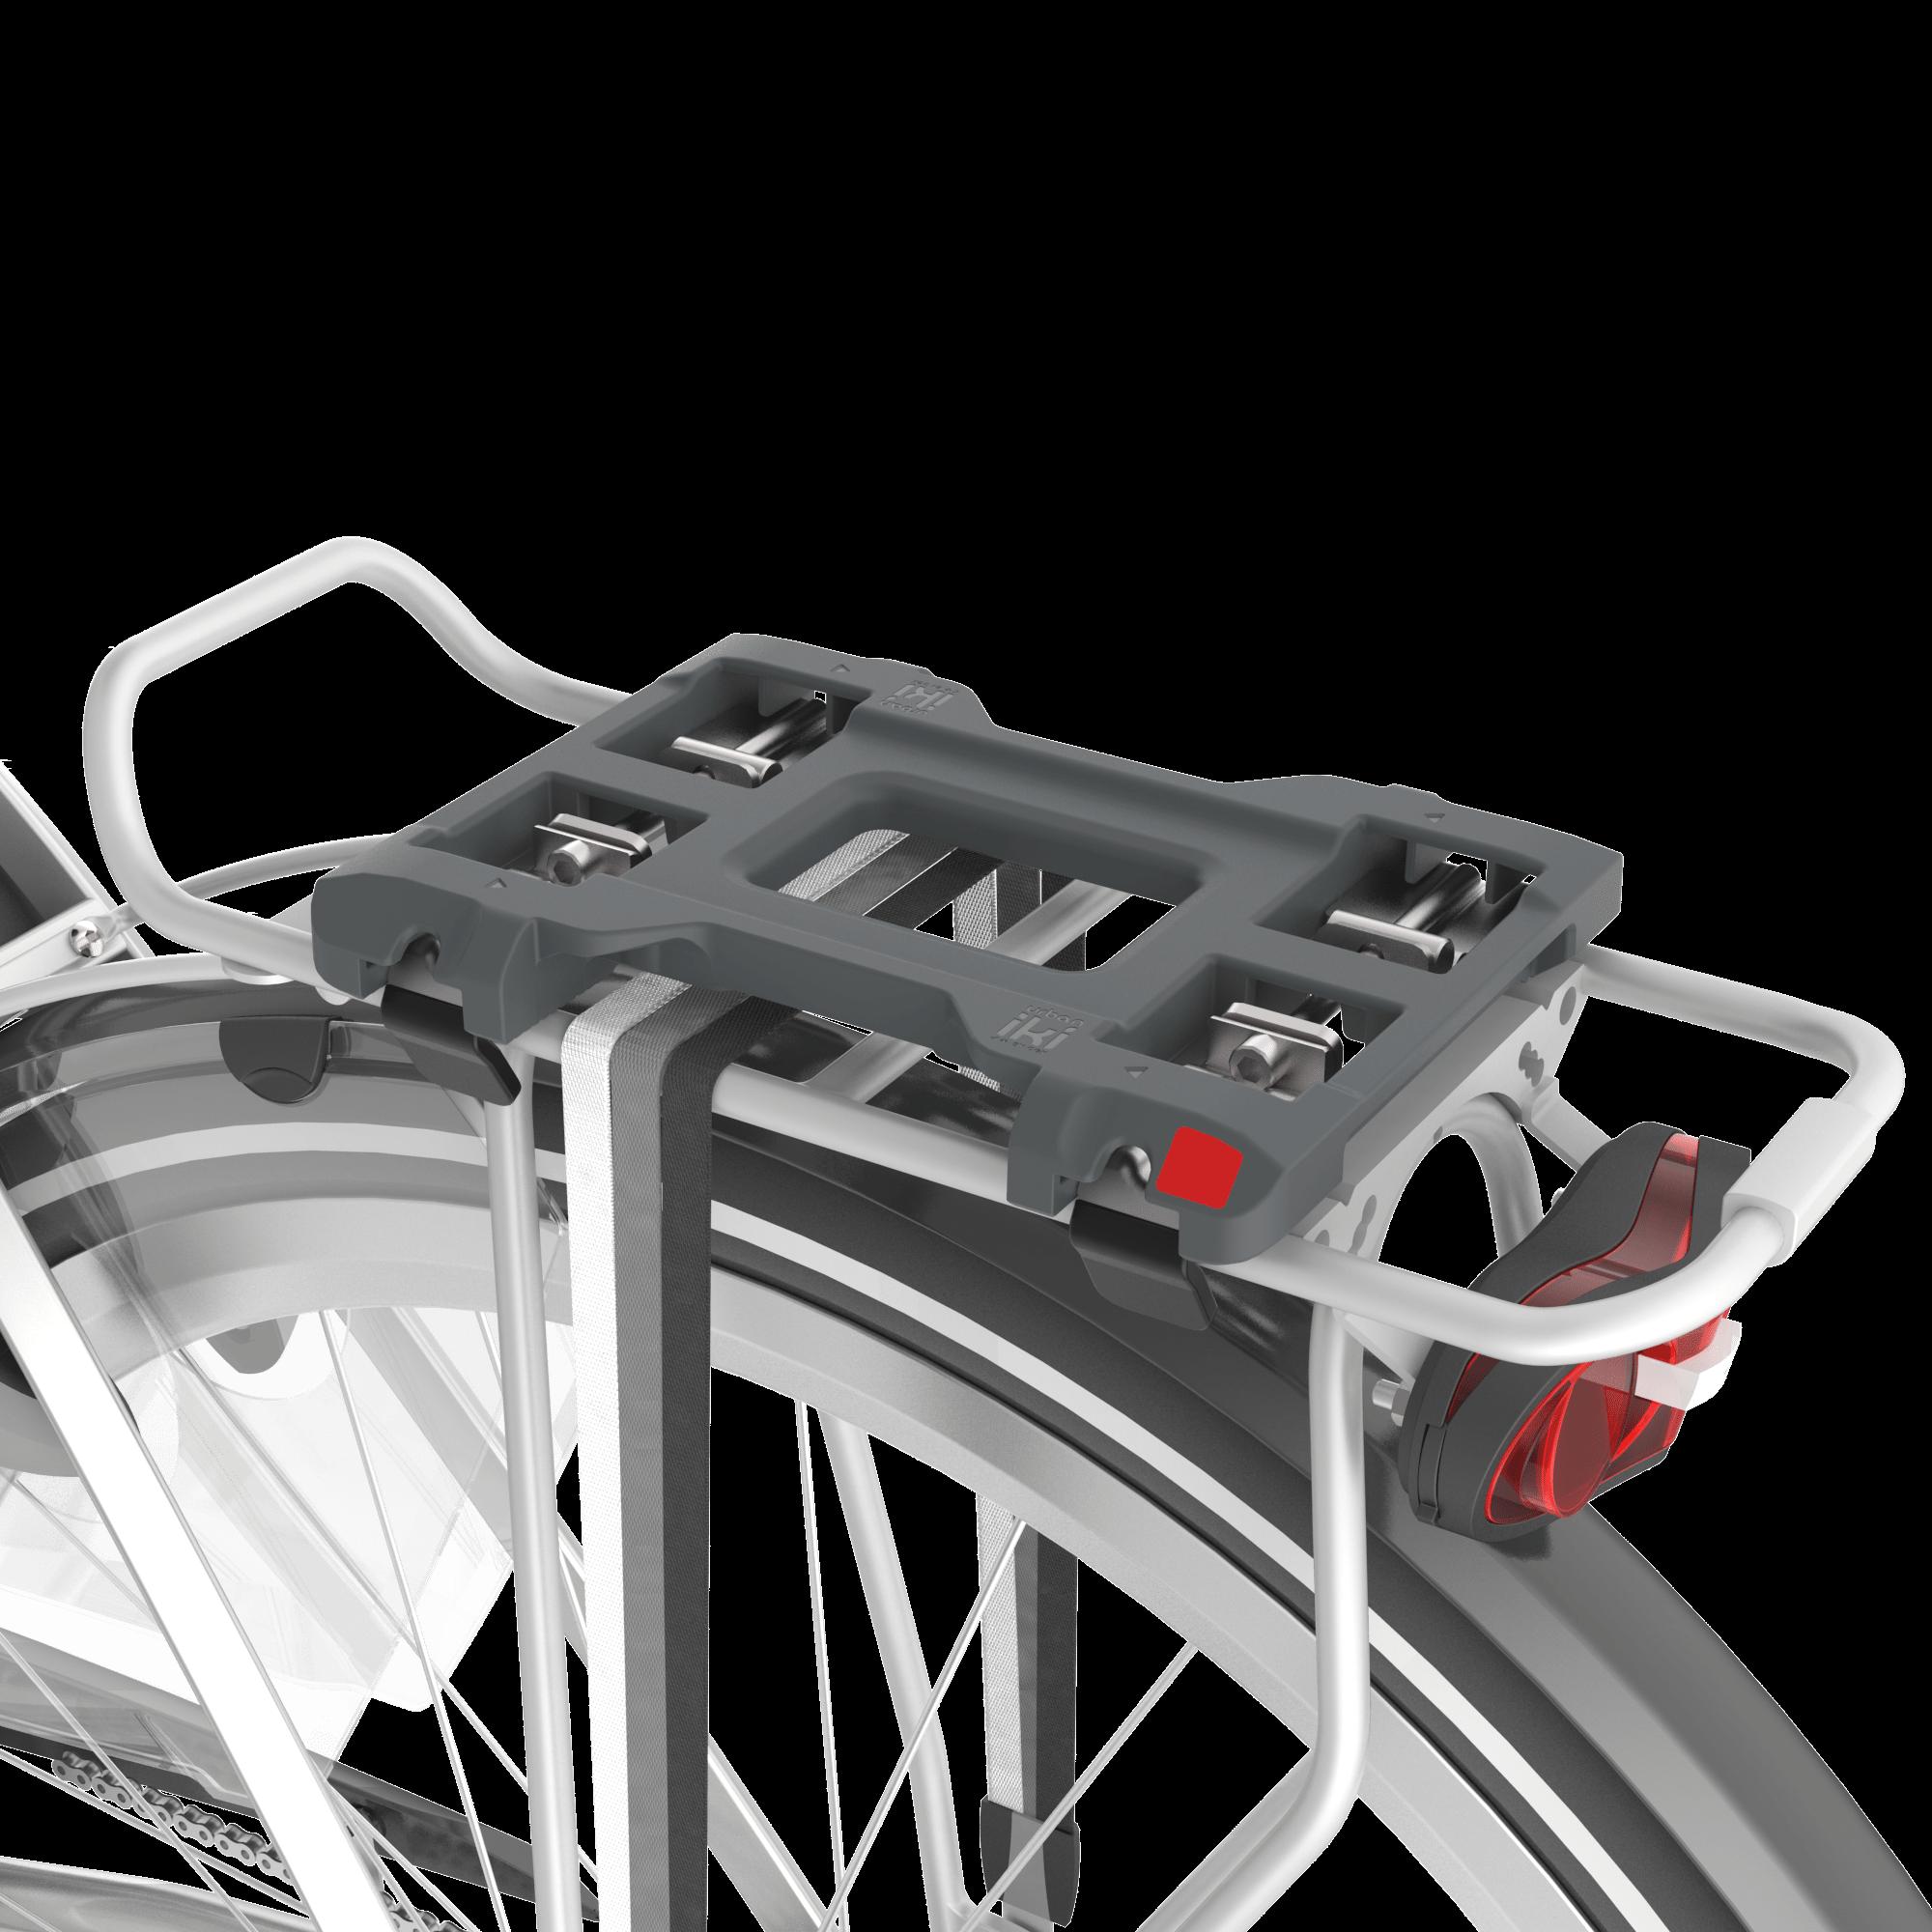 urban-iki-maxi-carrier-mounting-frame_08-2.png